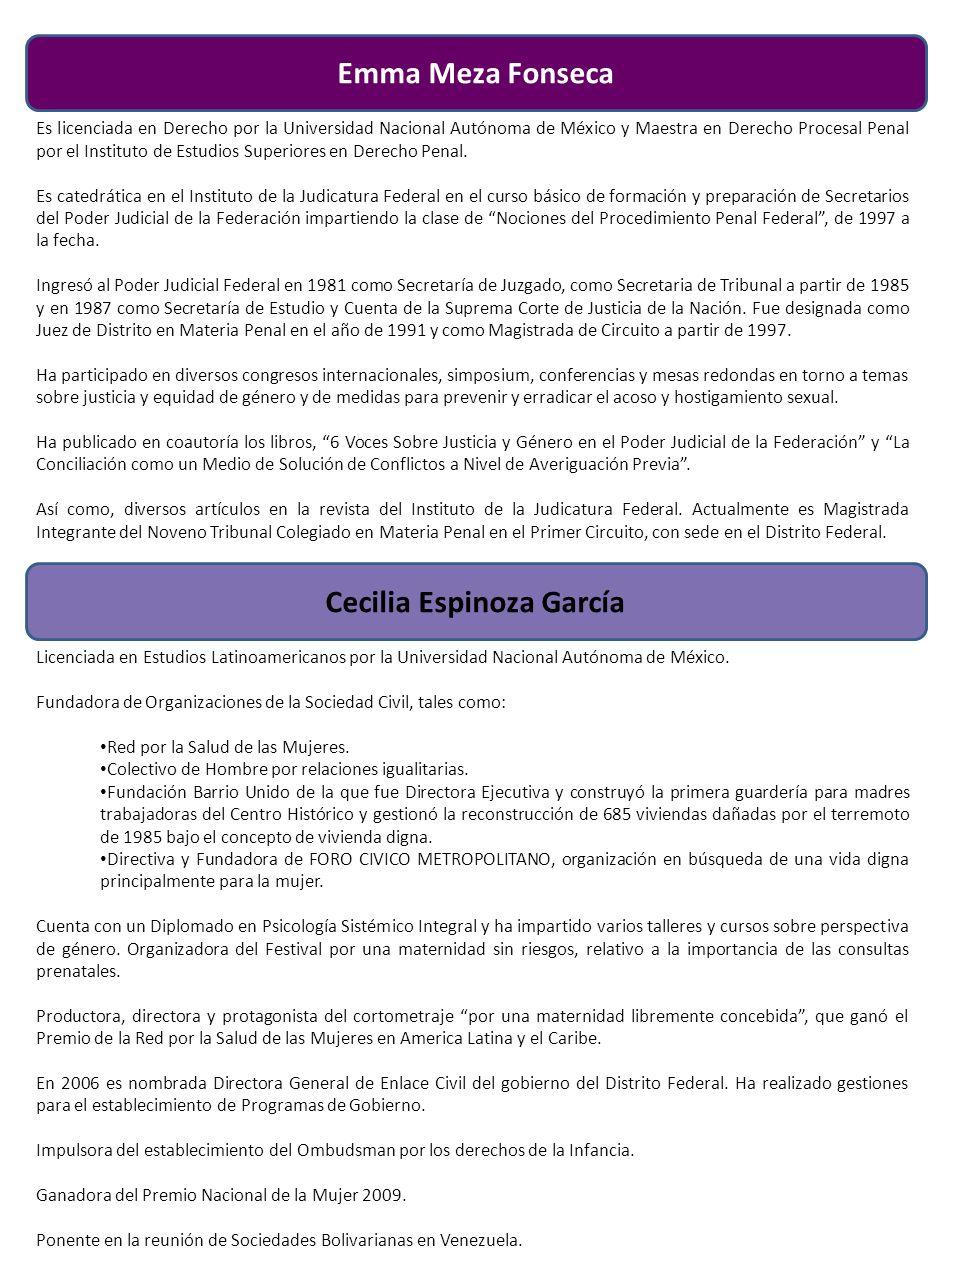 Cecilia Espinoza García